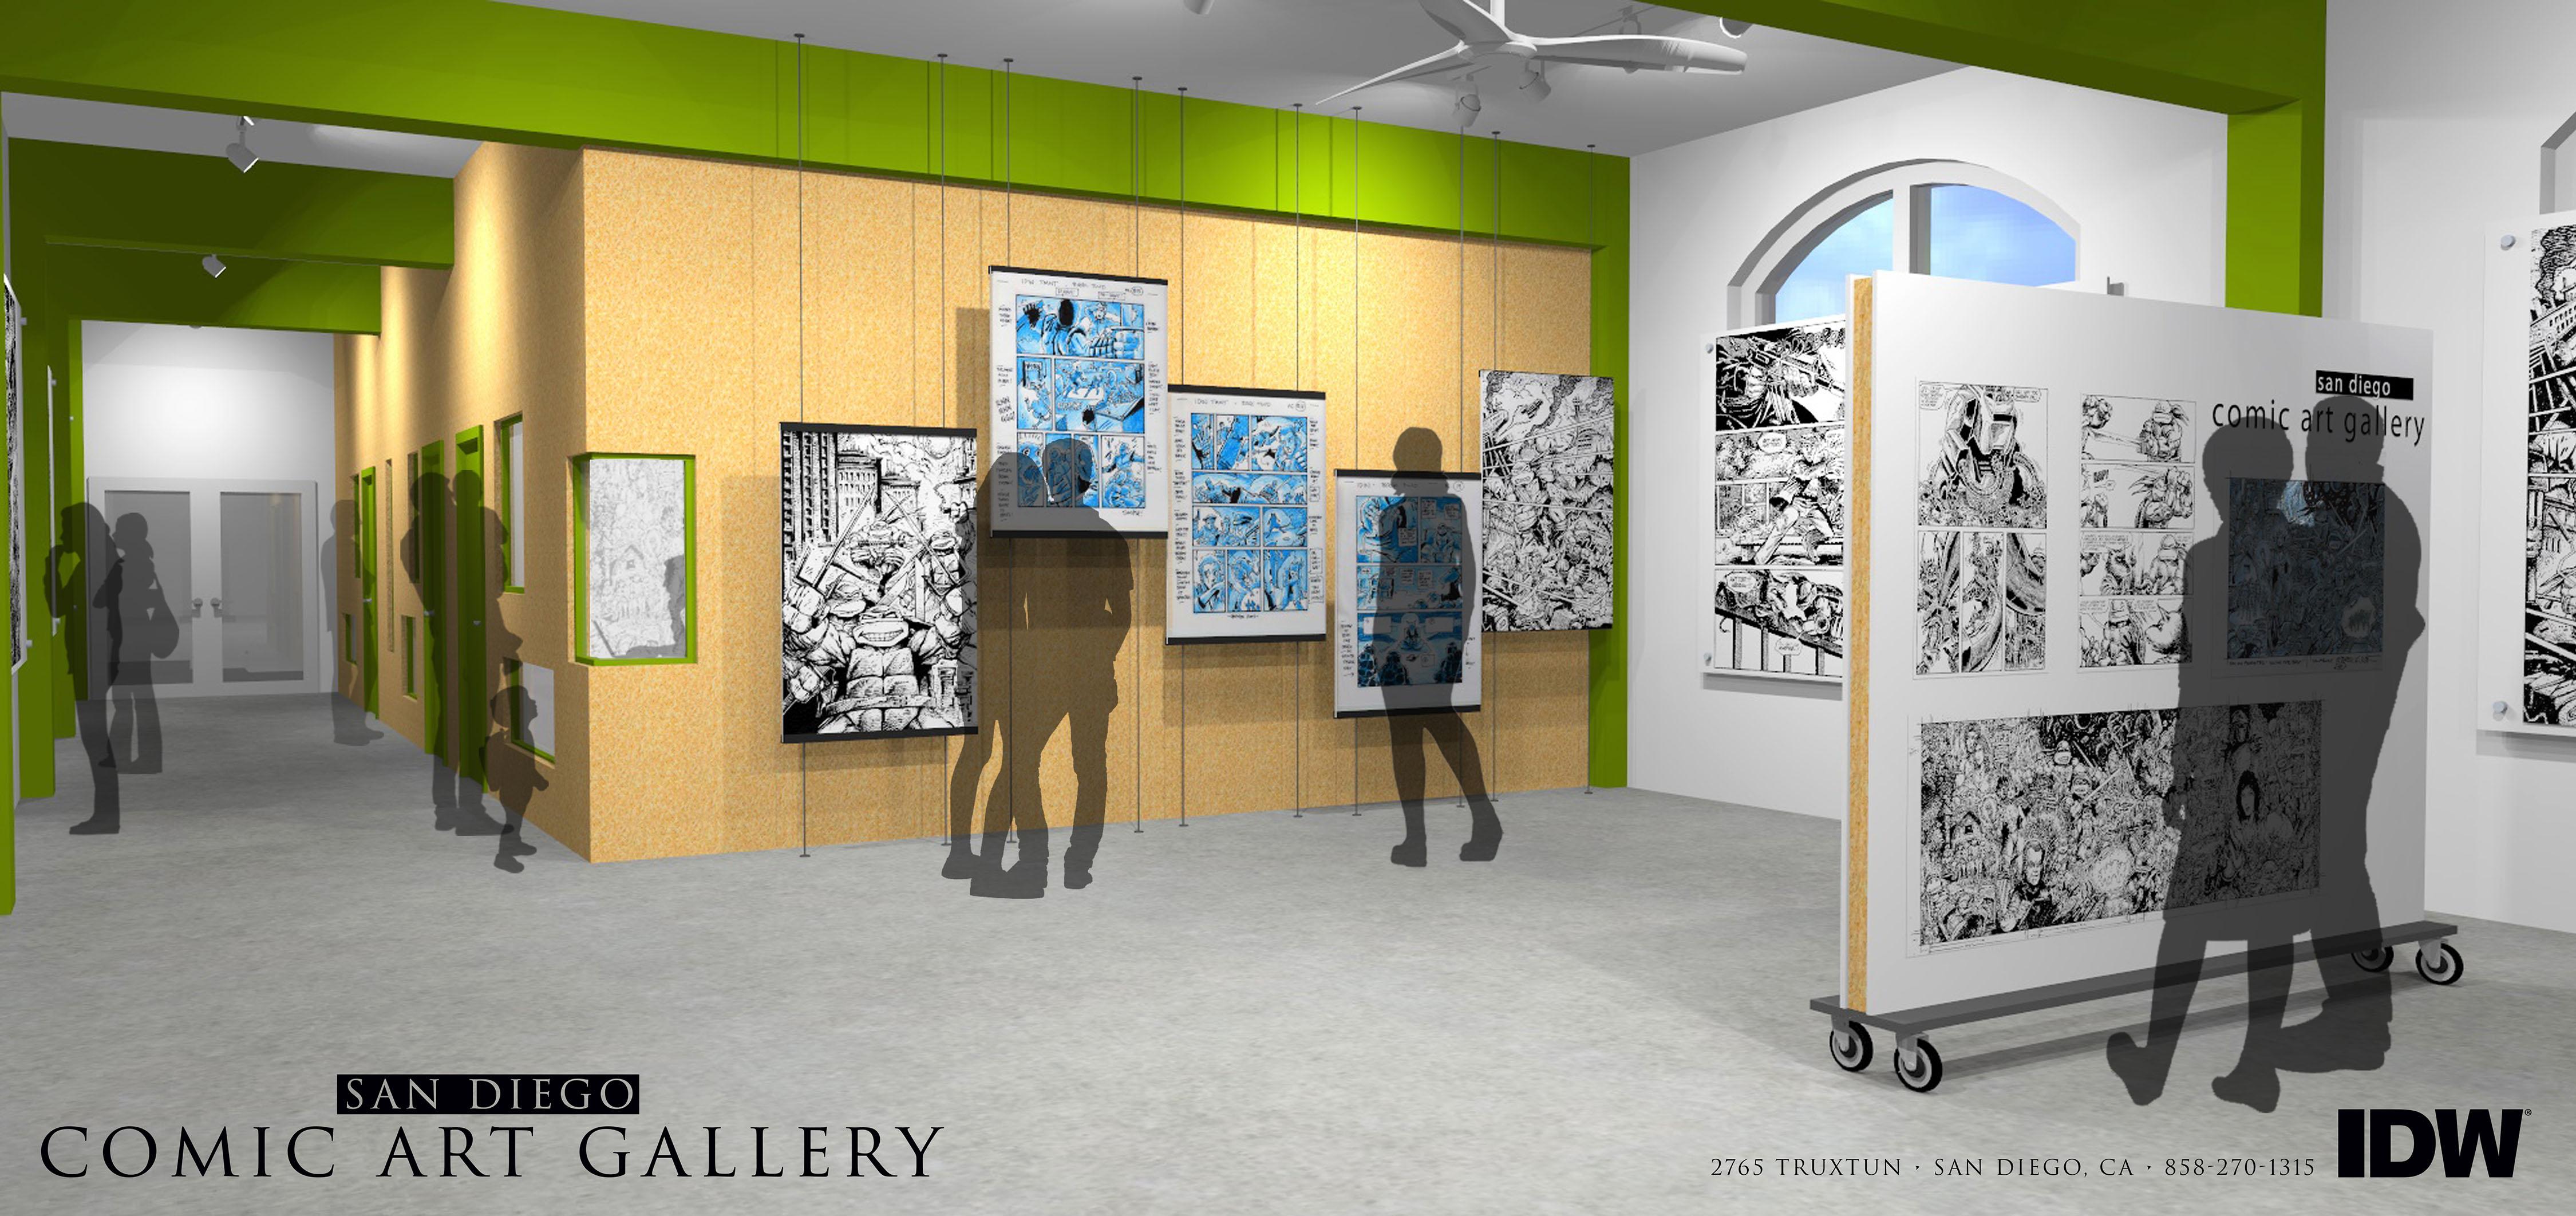 Rendering of the San Diego Comic Art Gallery.